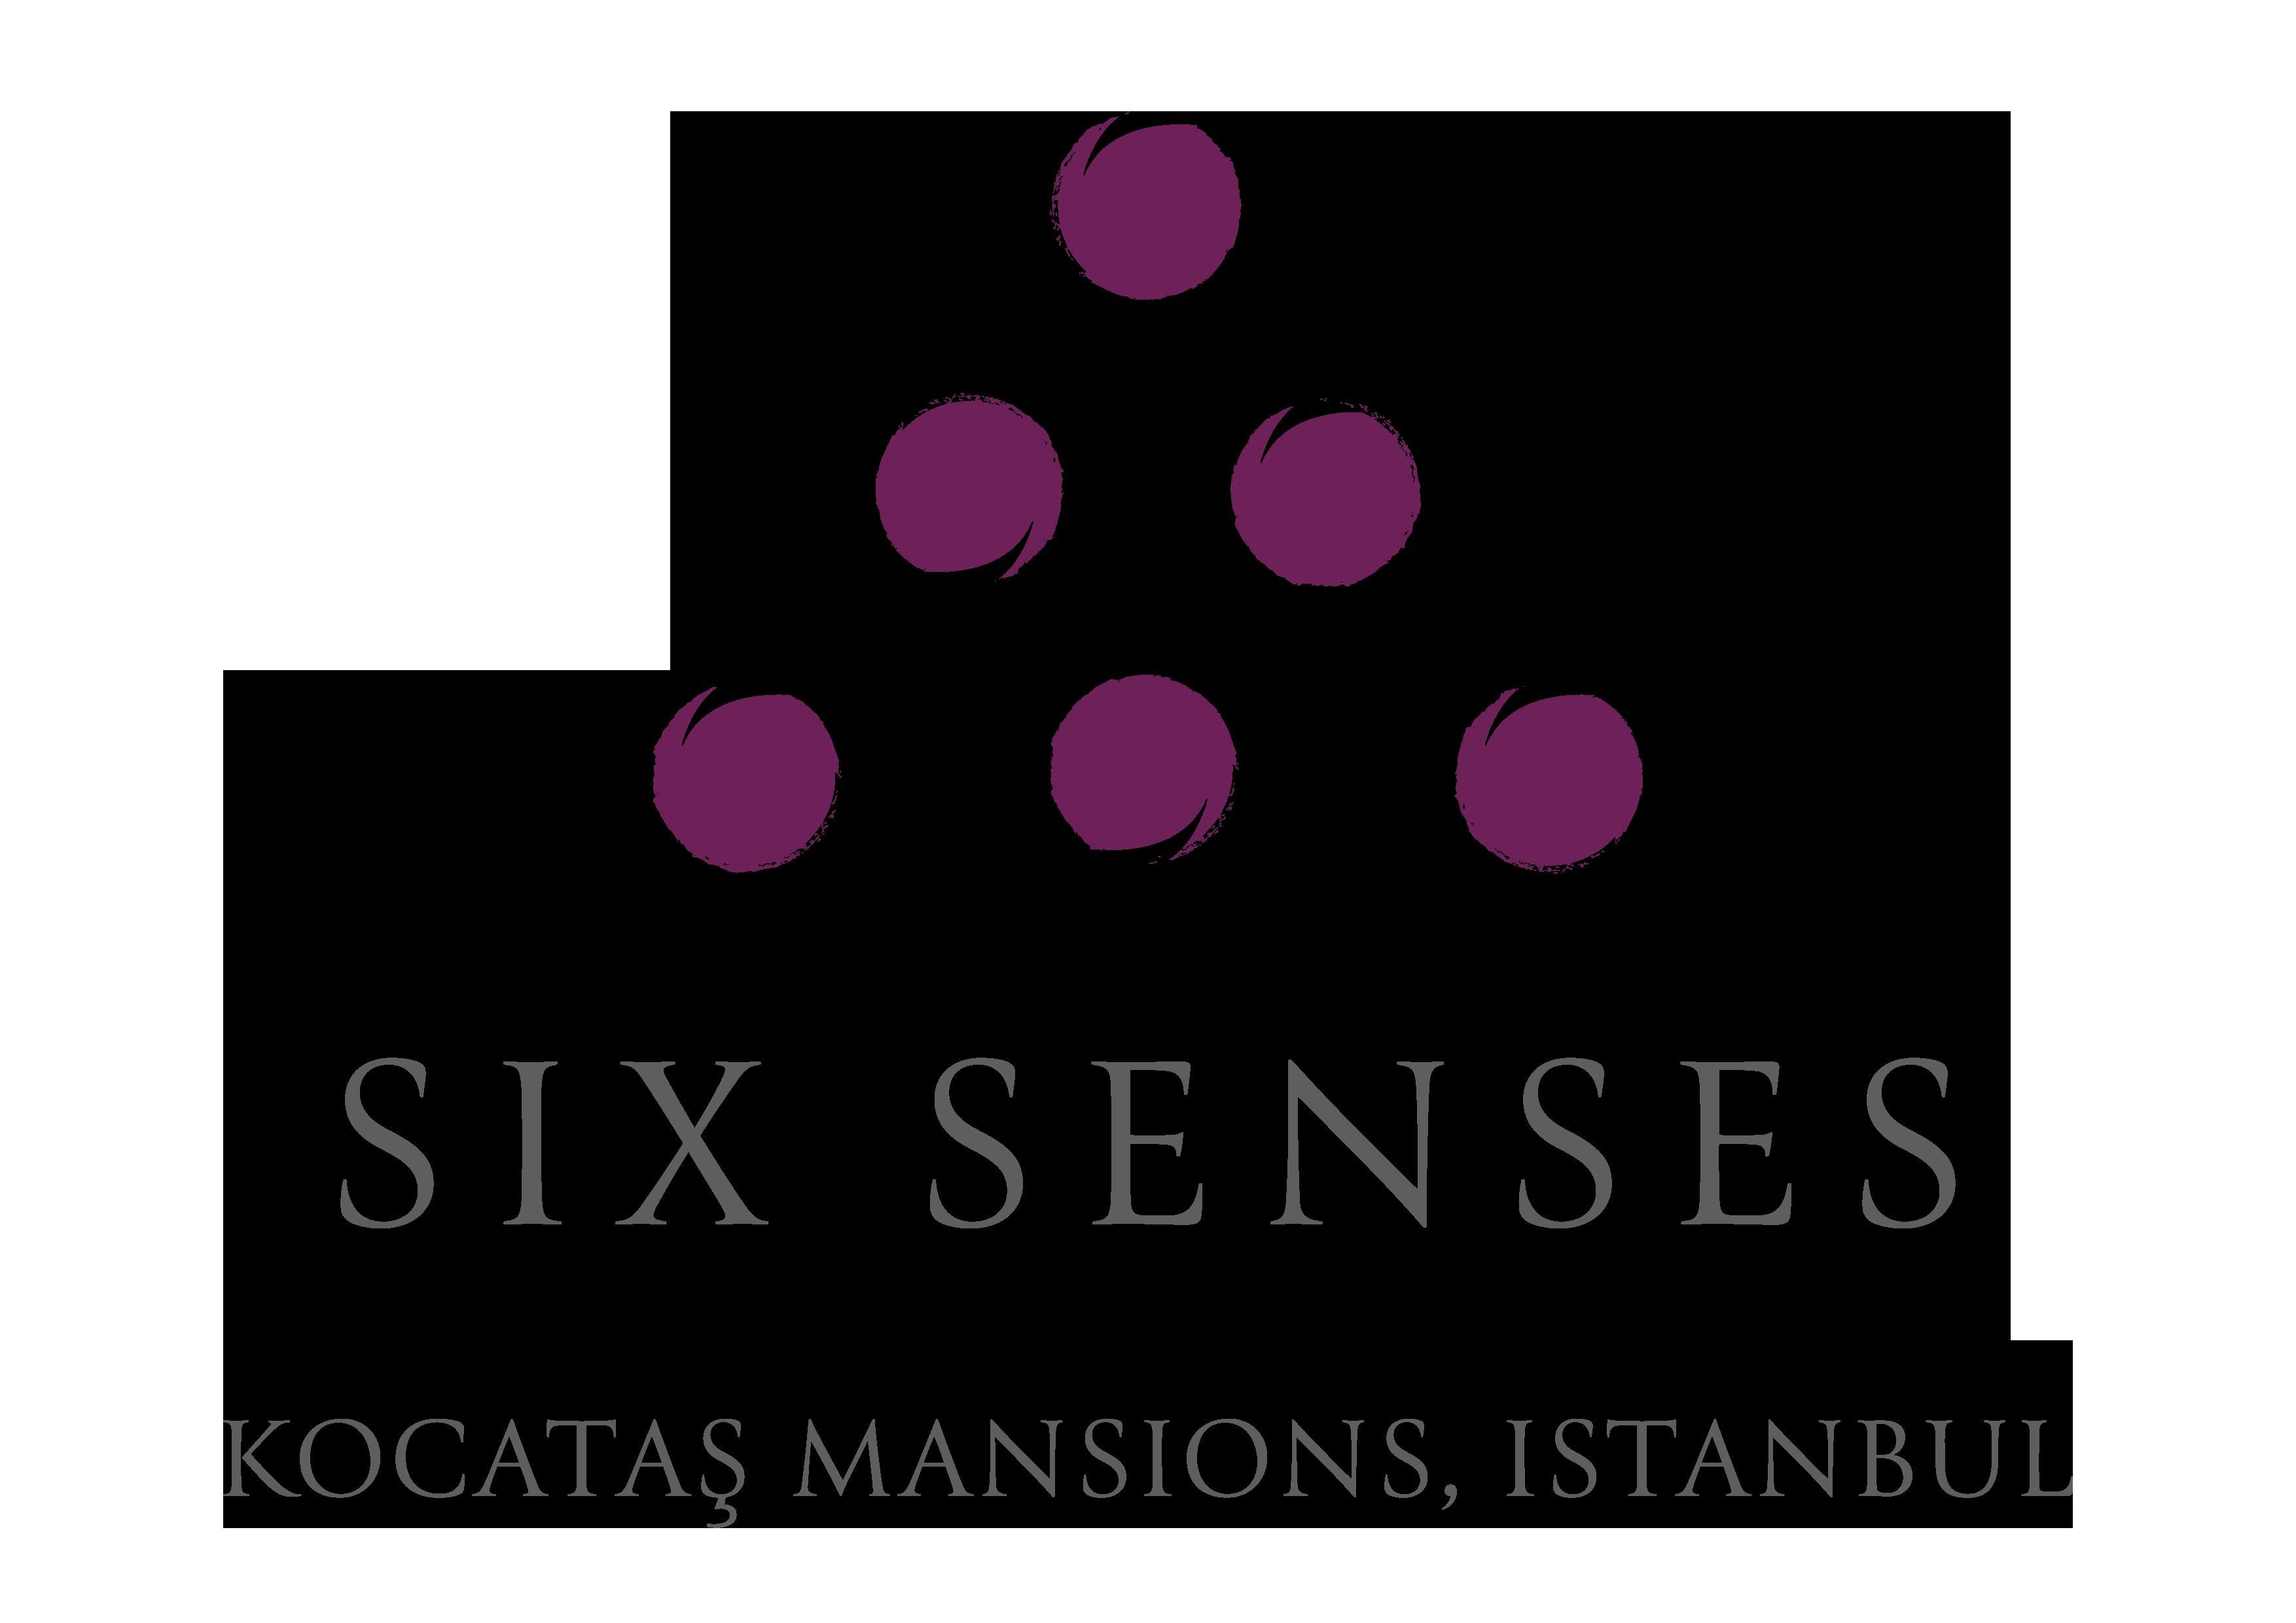 SS_Kocatas_standard_color_logo